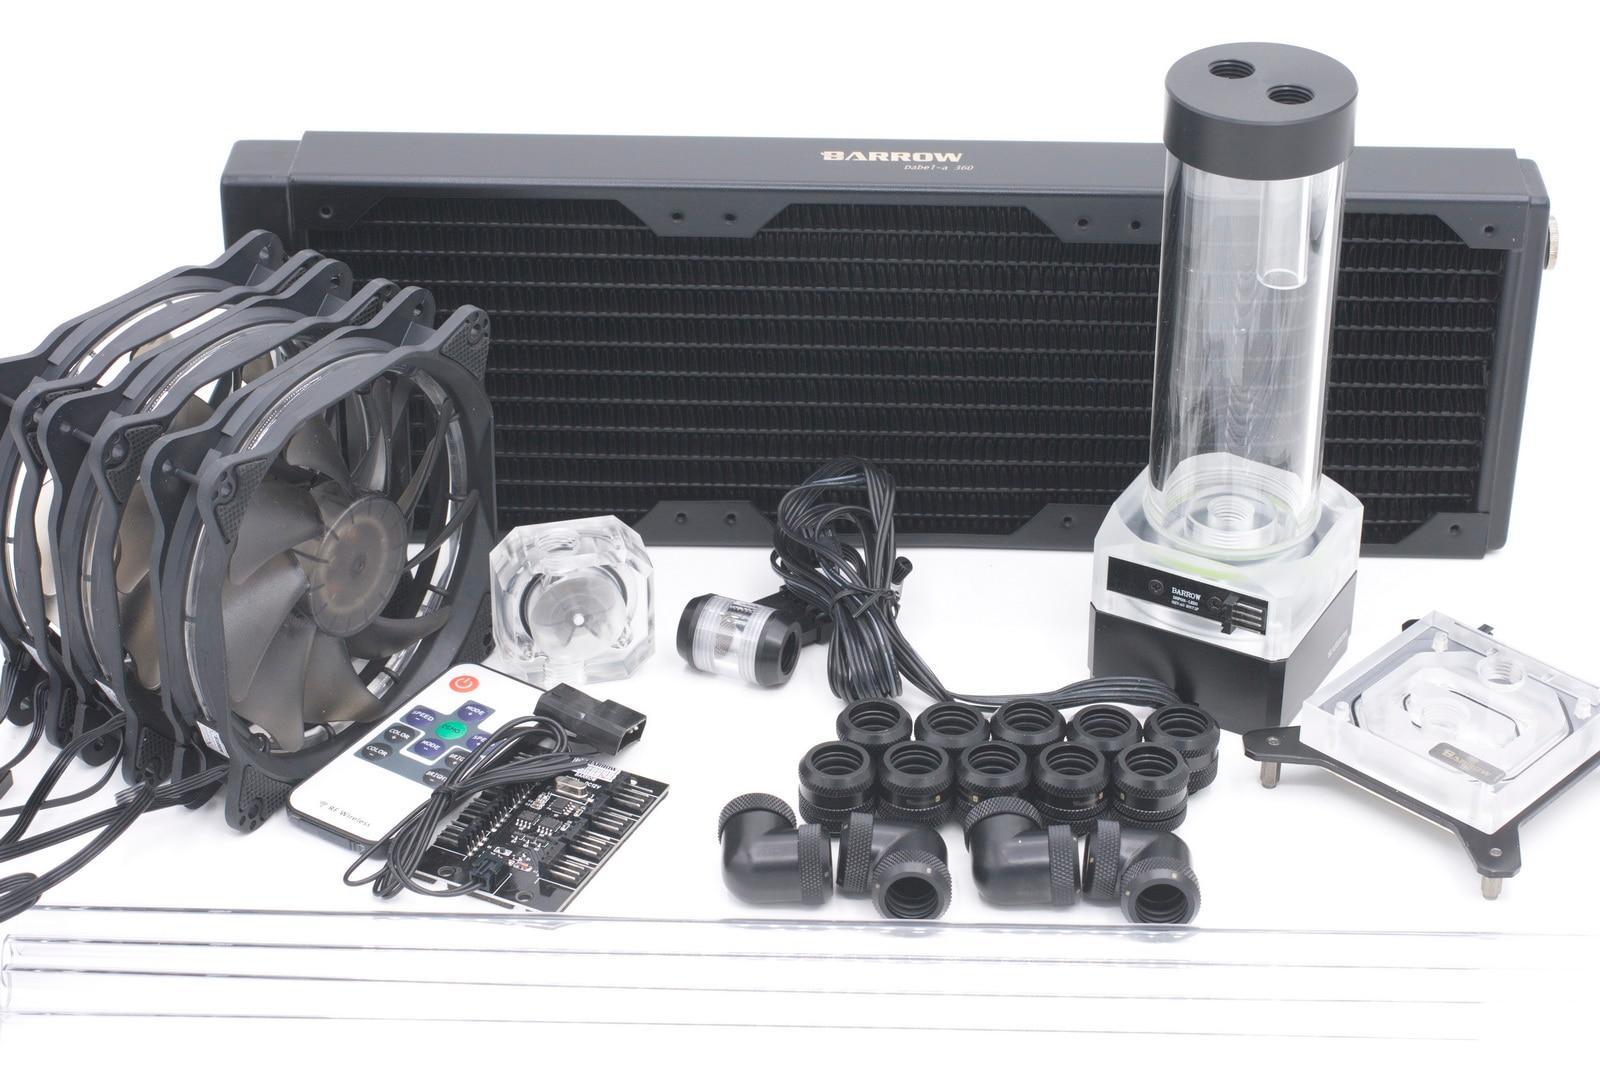 Brouette Kit De Refroidissement à Eau pour CPU Rigide Tube Intel AMD 360mm Cuivre Radiateur